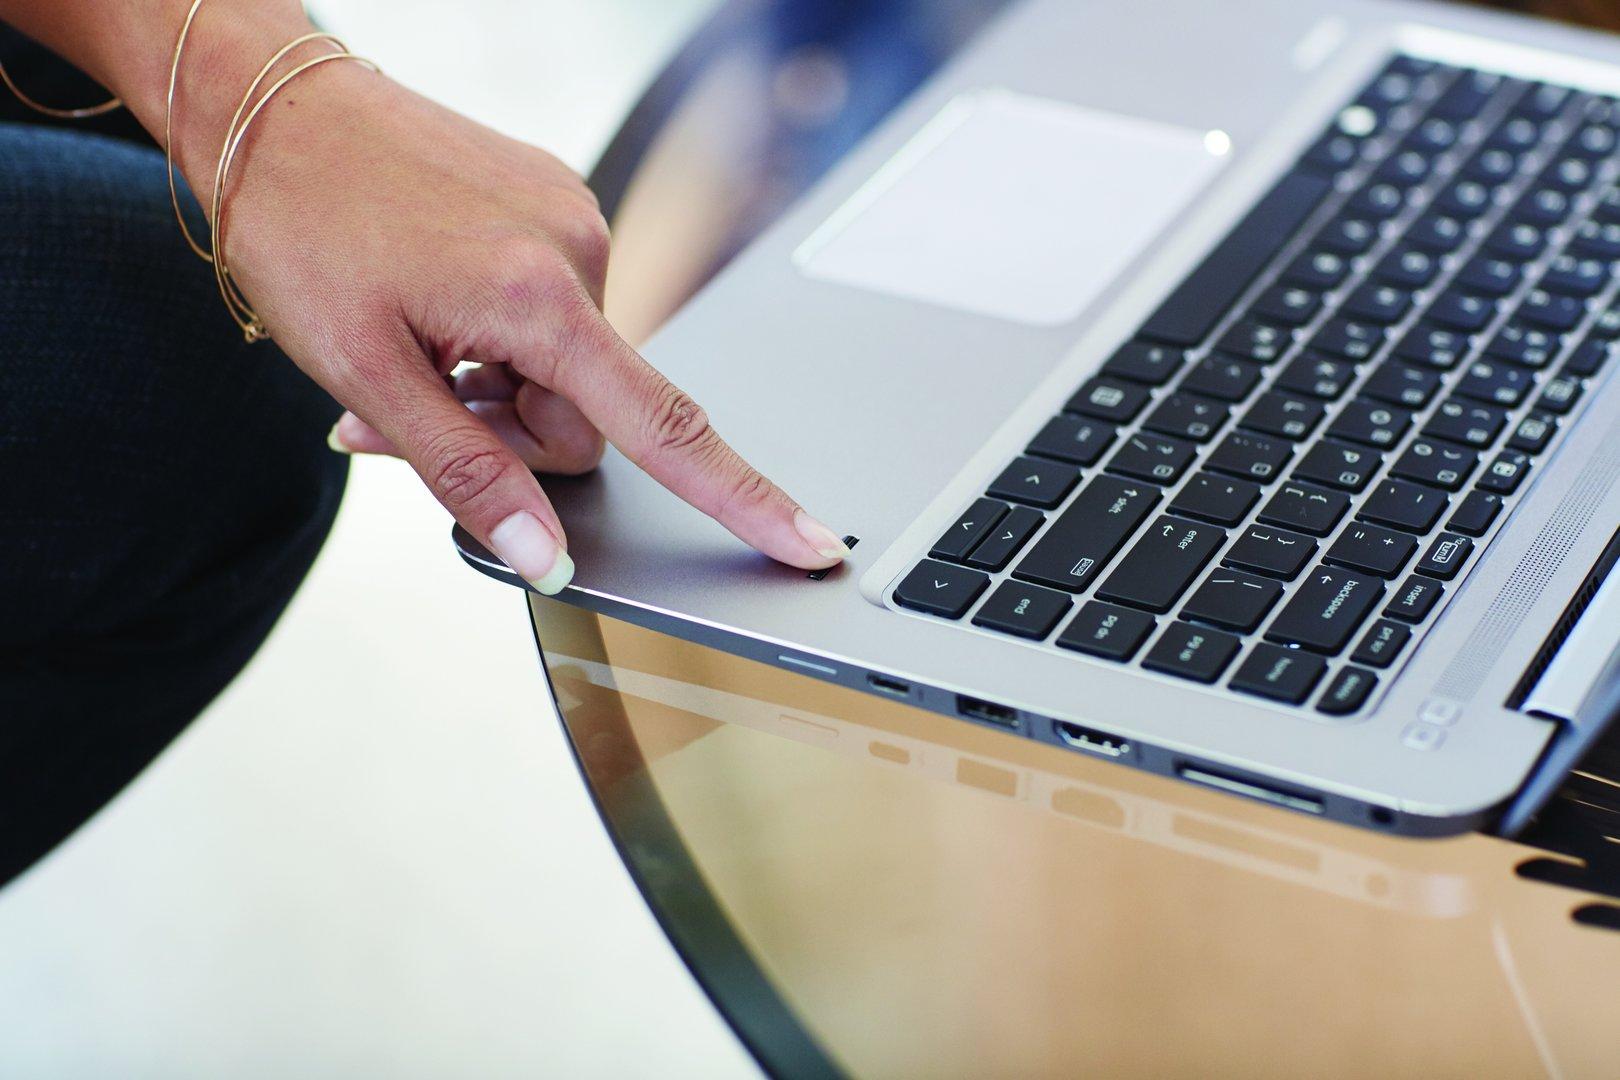 Das HP EliteBook 1040 G3 mit Fingerabdruckscanner